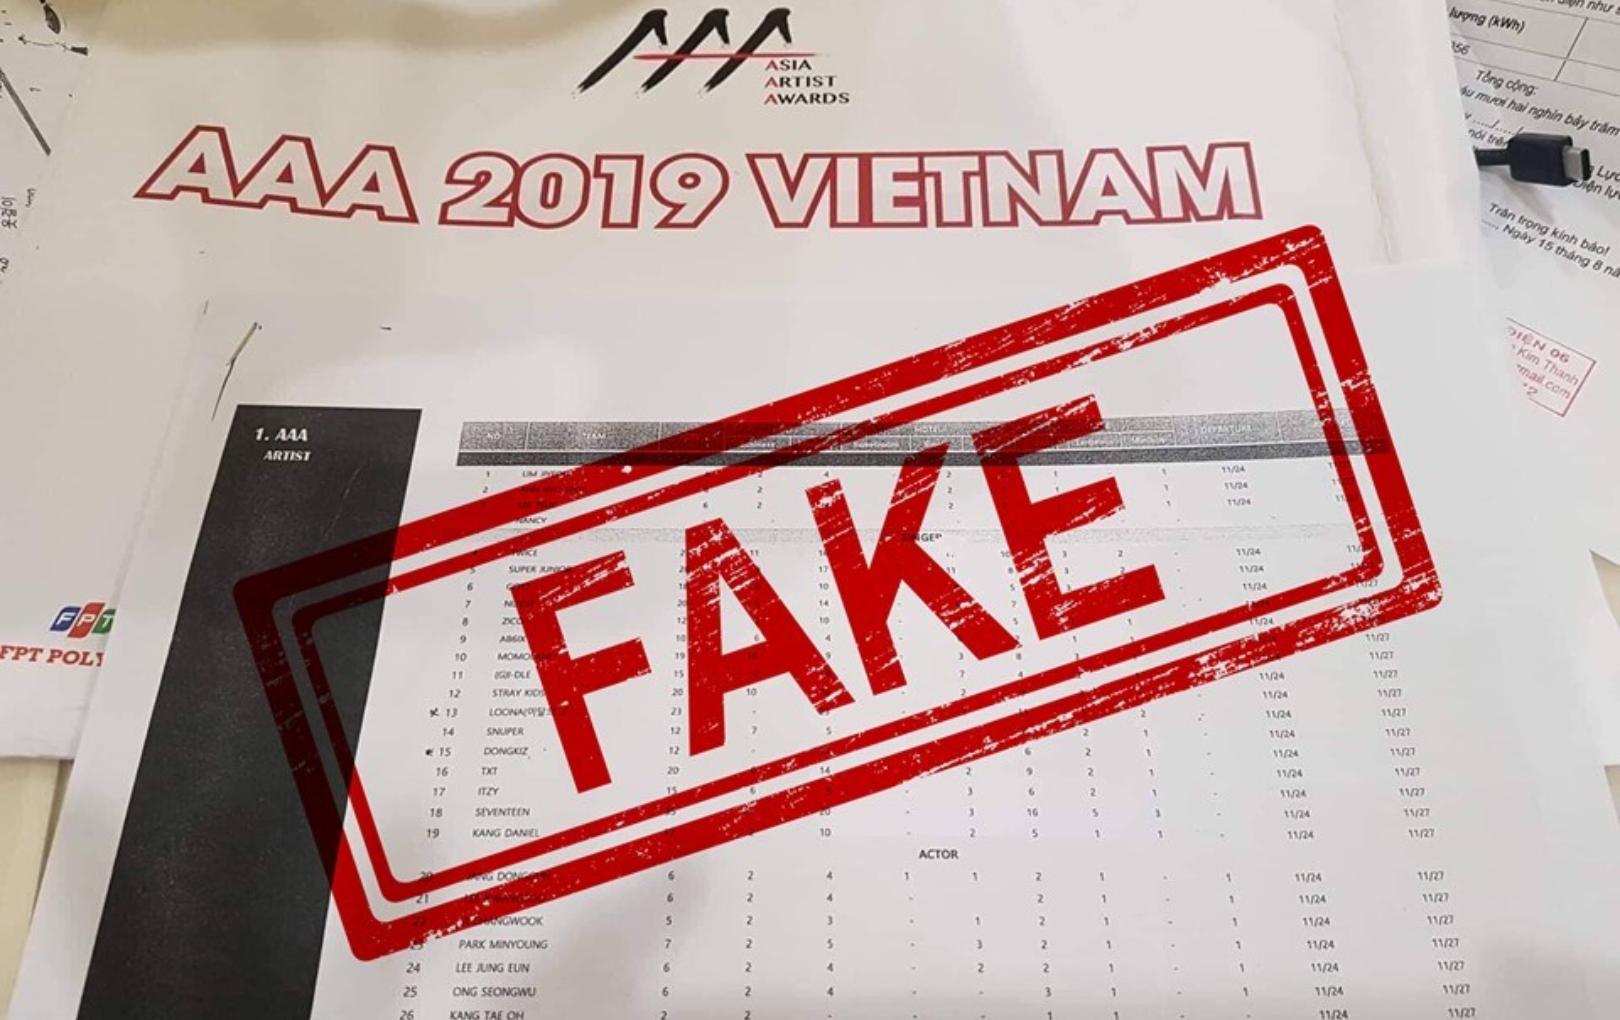 Rò rỉ dàn line-up AAA 2019, ban tổ chức khẳng định chỉ là giả mạo